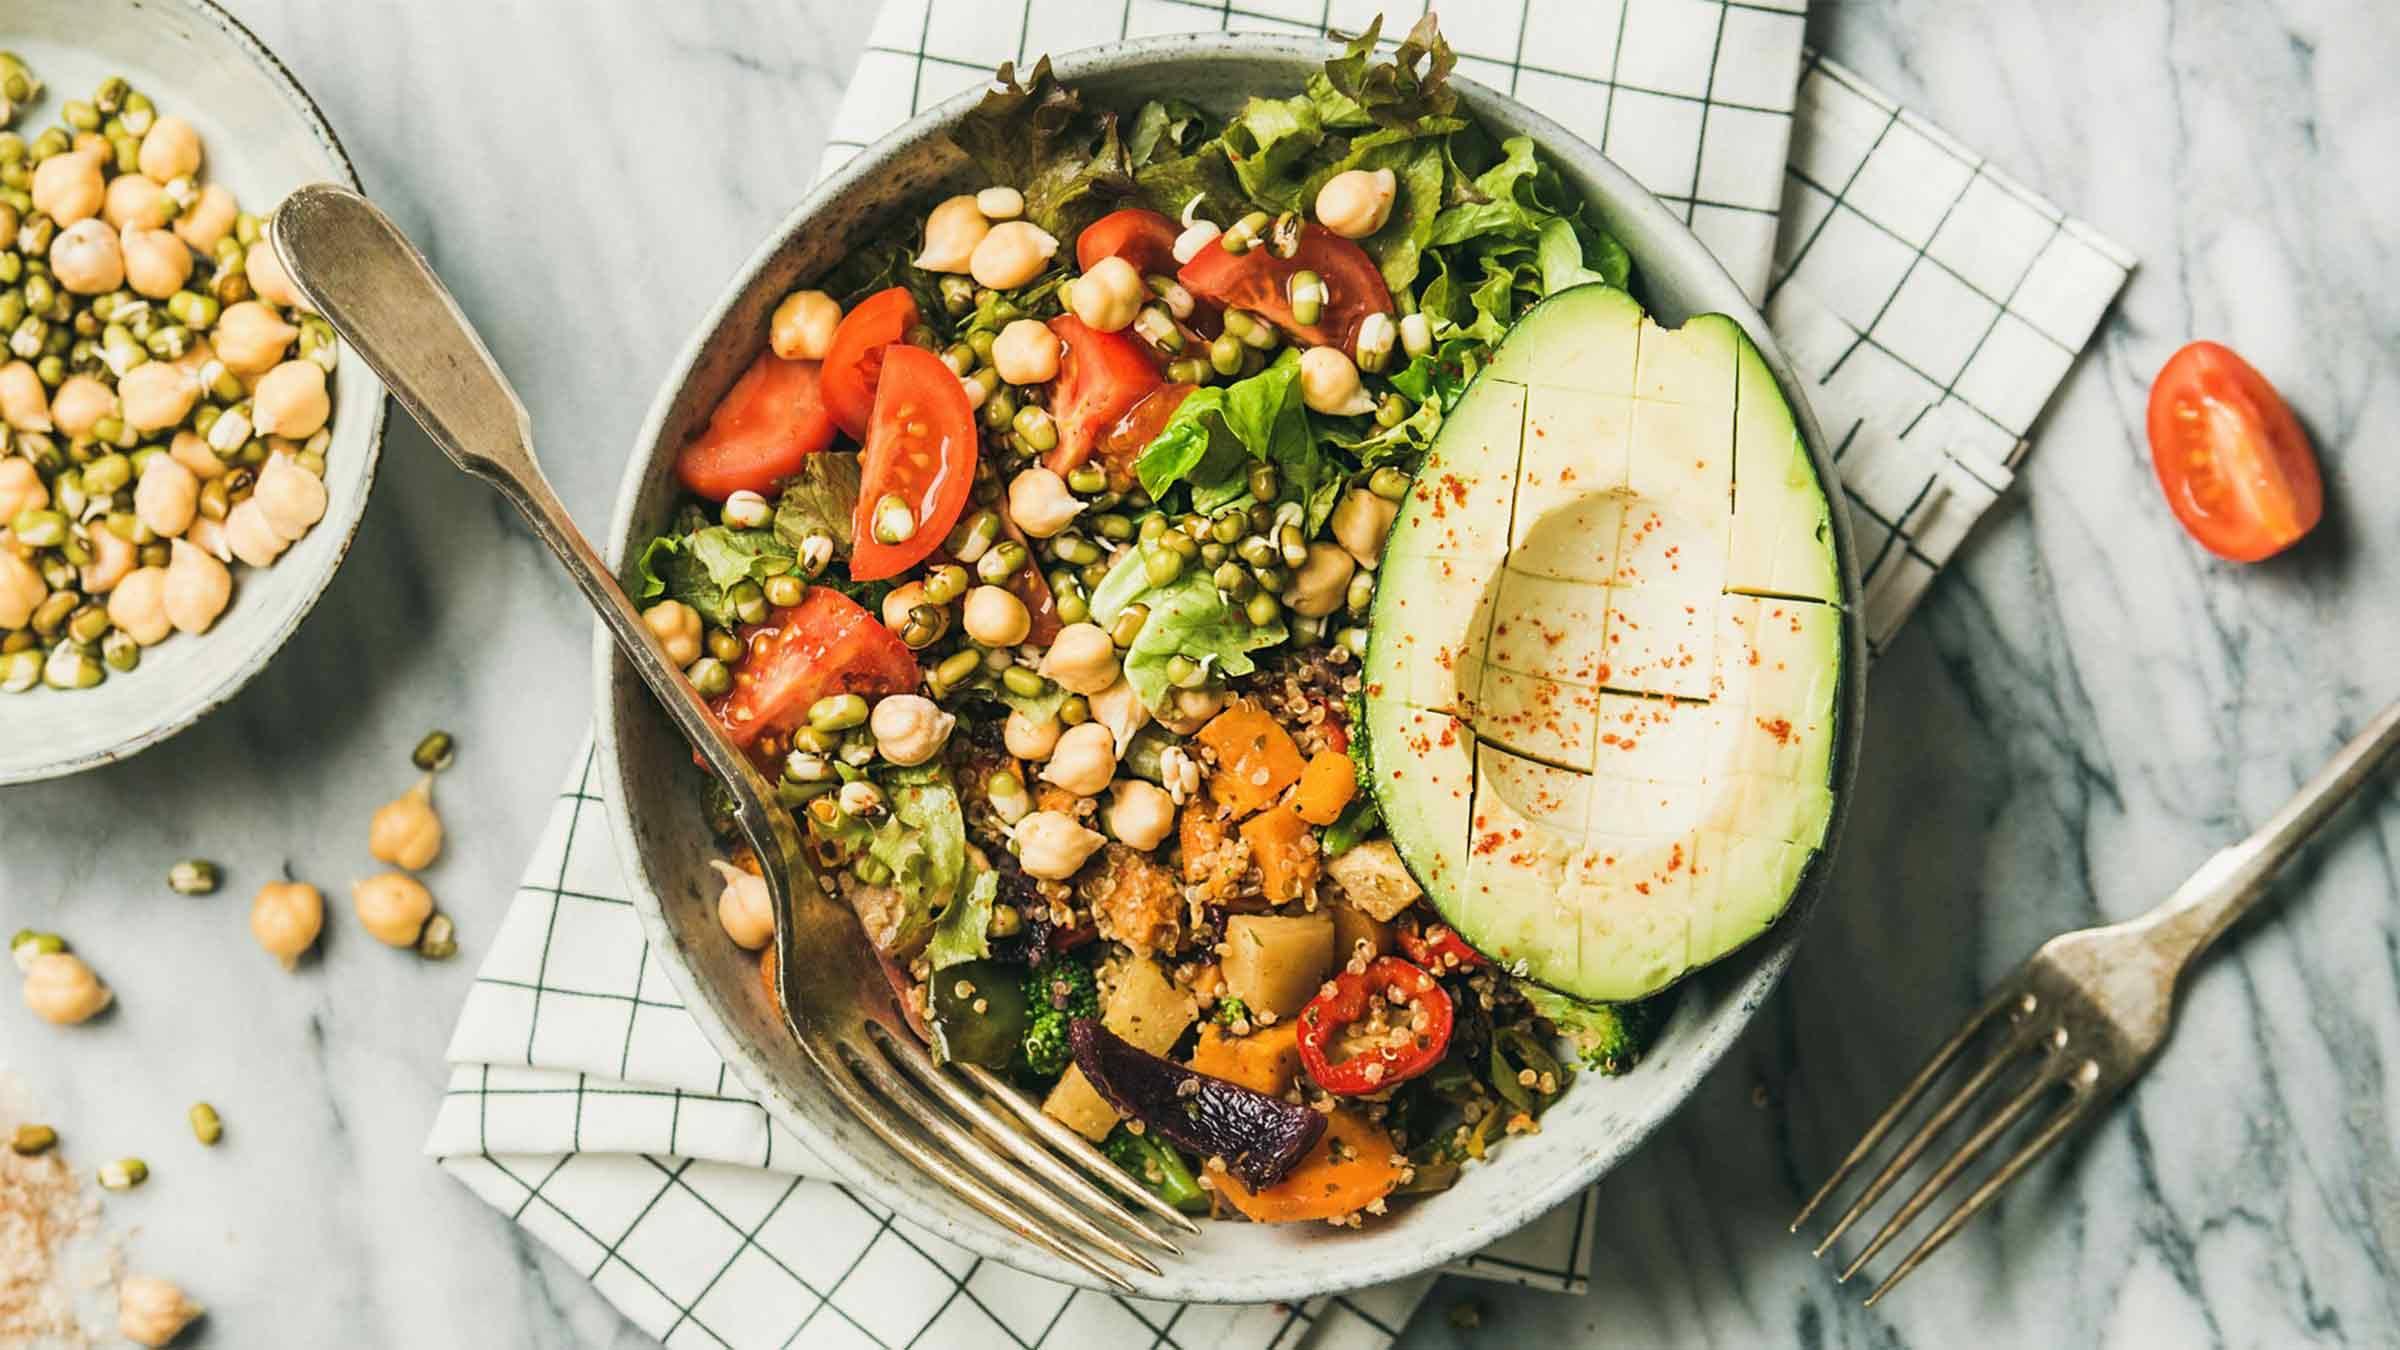 Vegan Grain Bowl with Cilantro Dressing Recipe